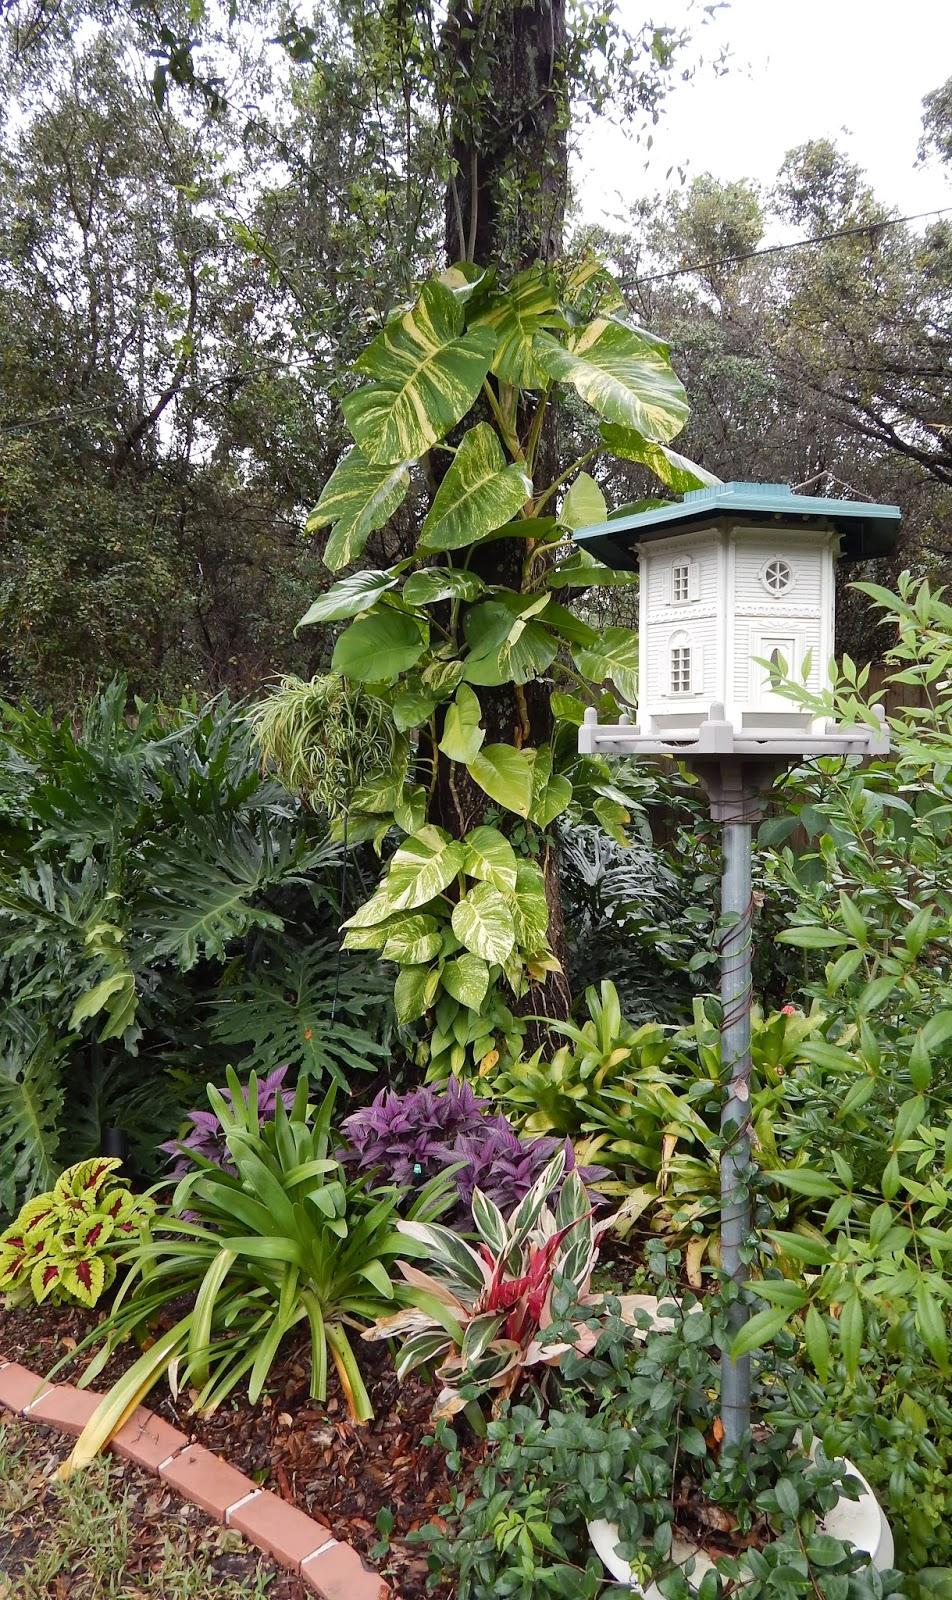 The Gardens of Mount Dora: An Easy-Going Garden